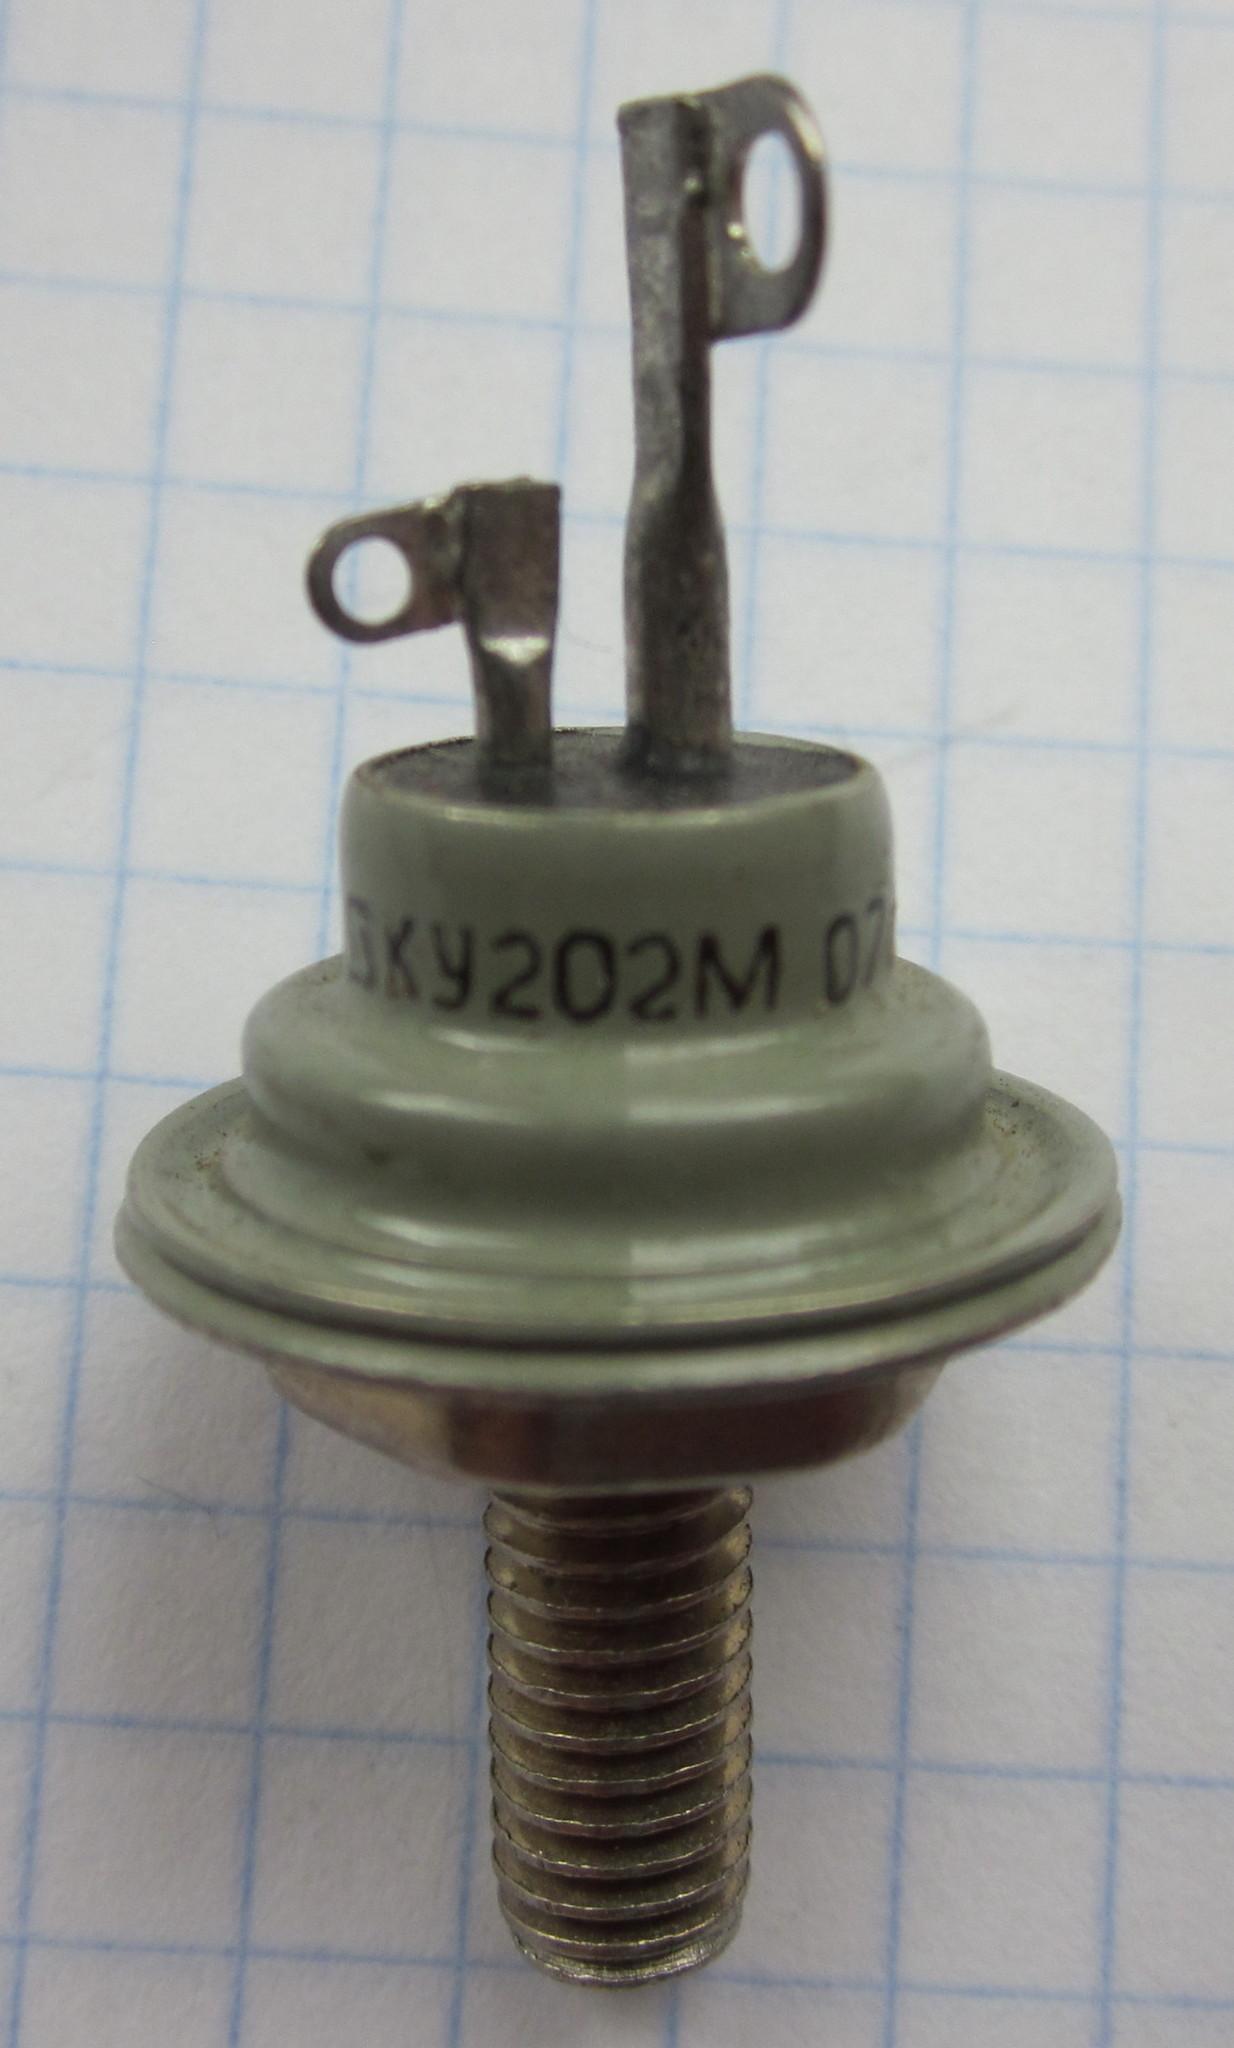 КУ202М